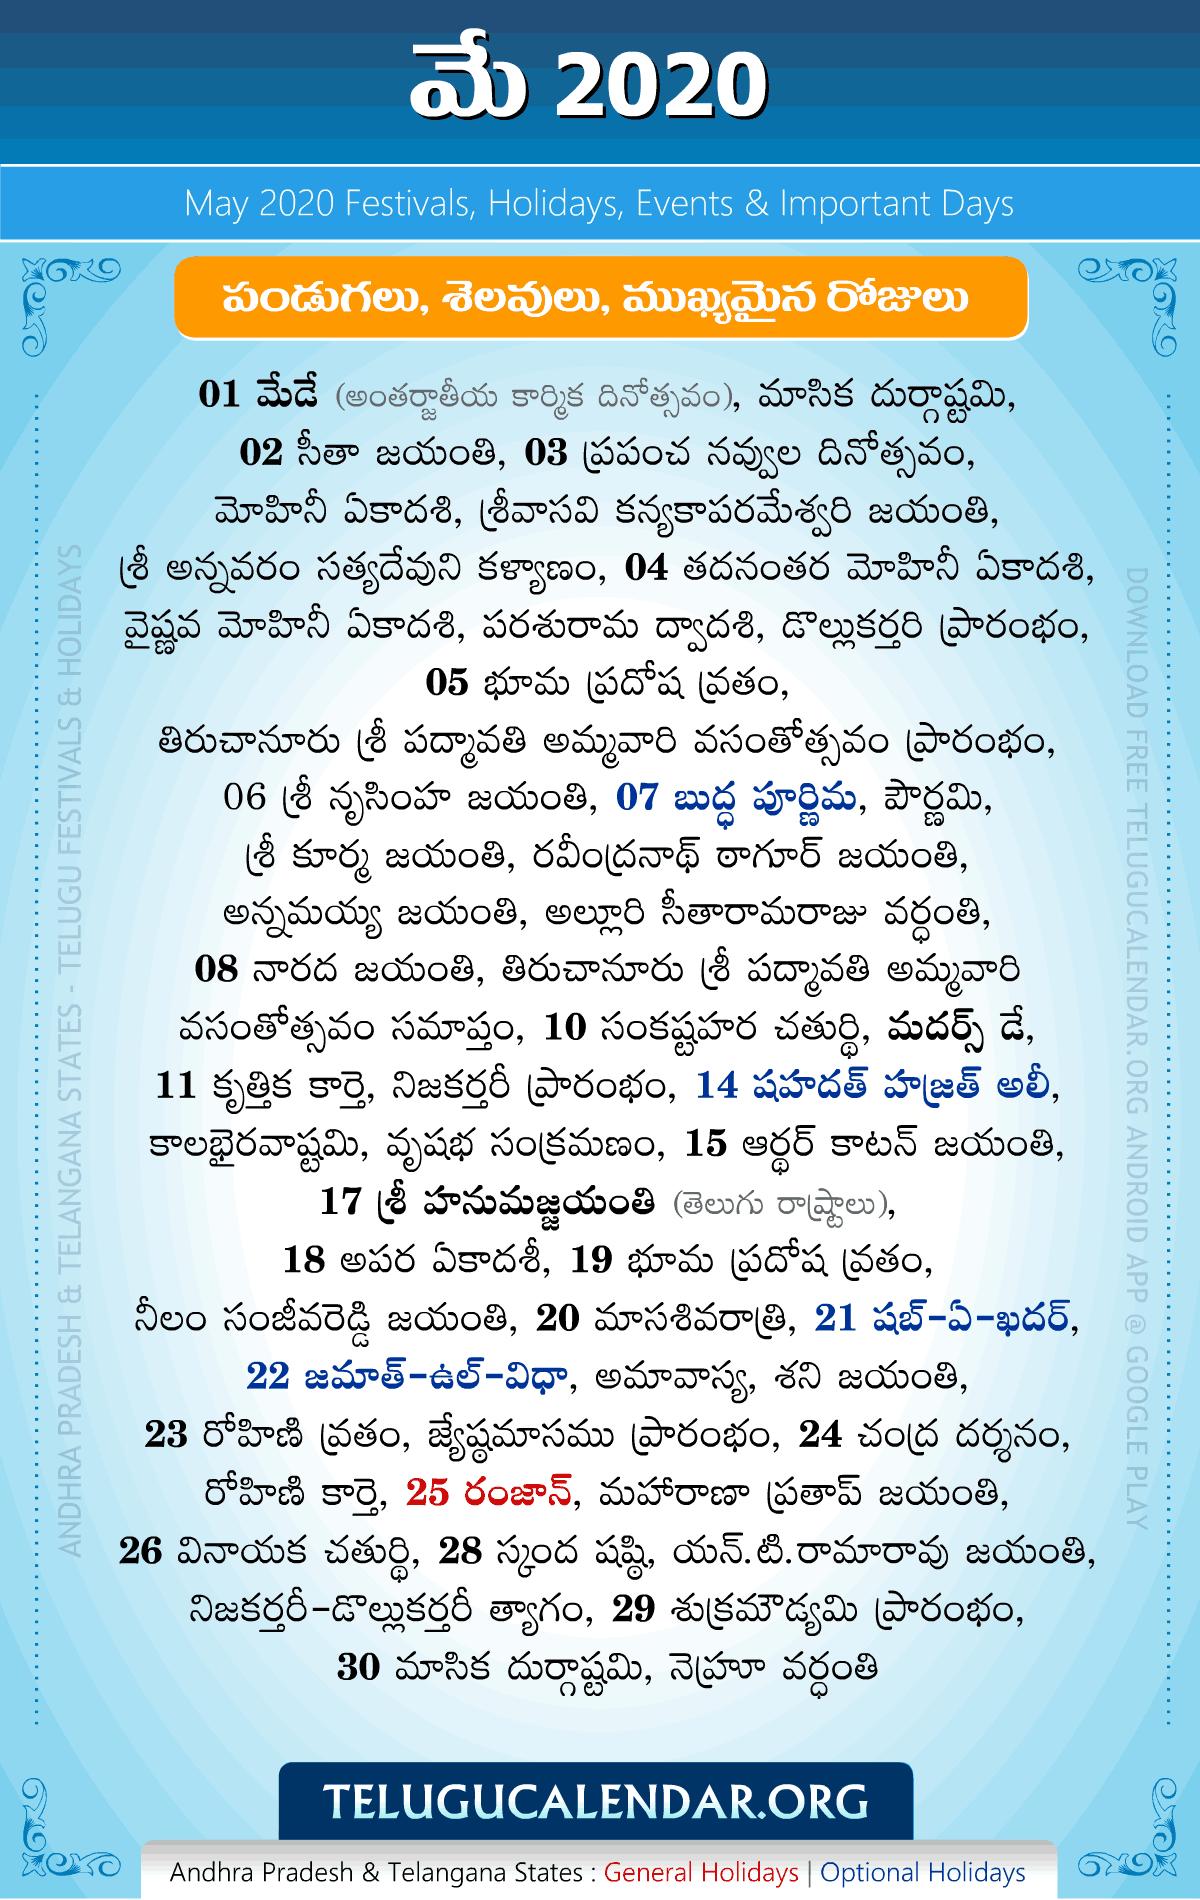 May 2020 Telugu Festivals, Holidays & Events | Telugu ...